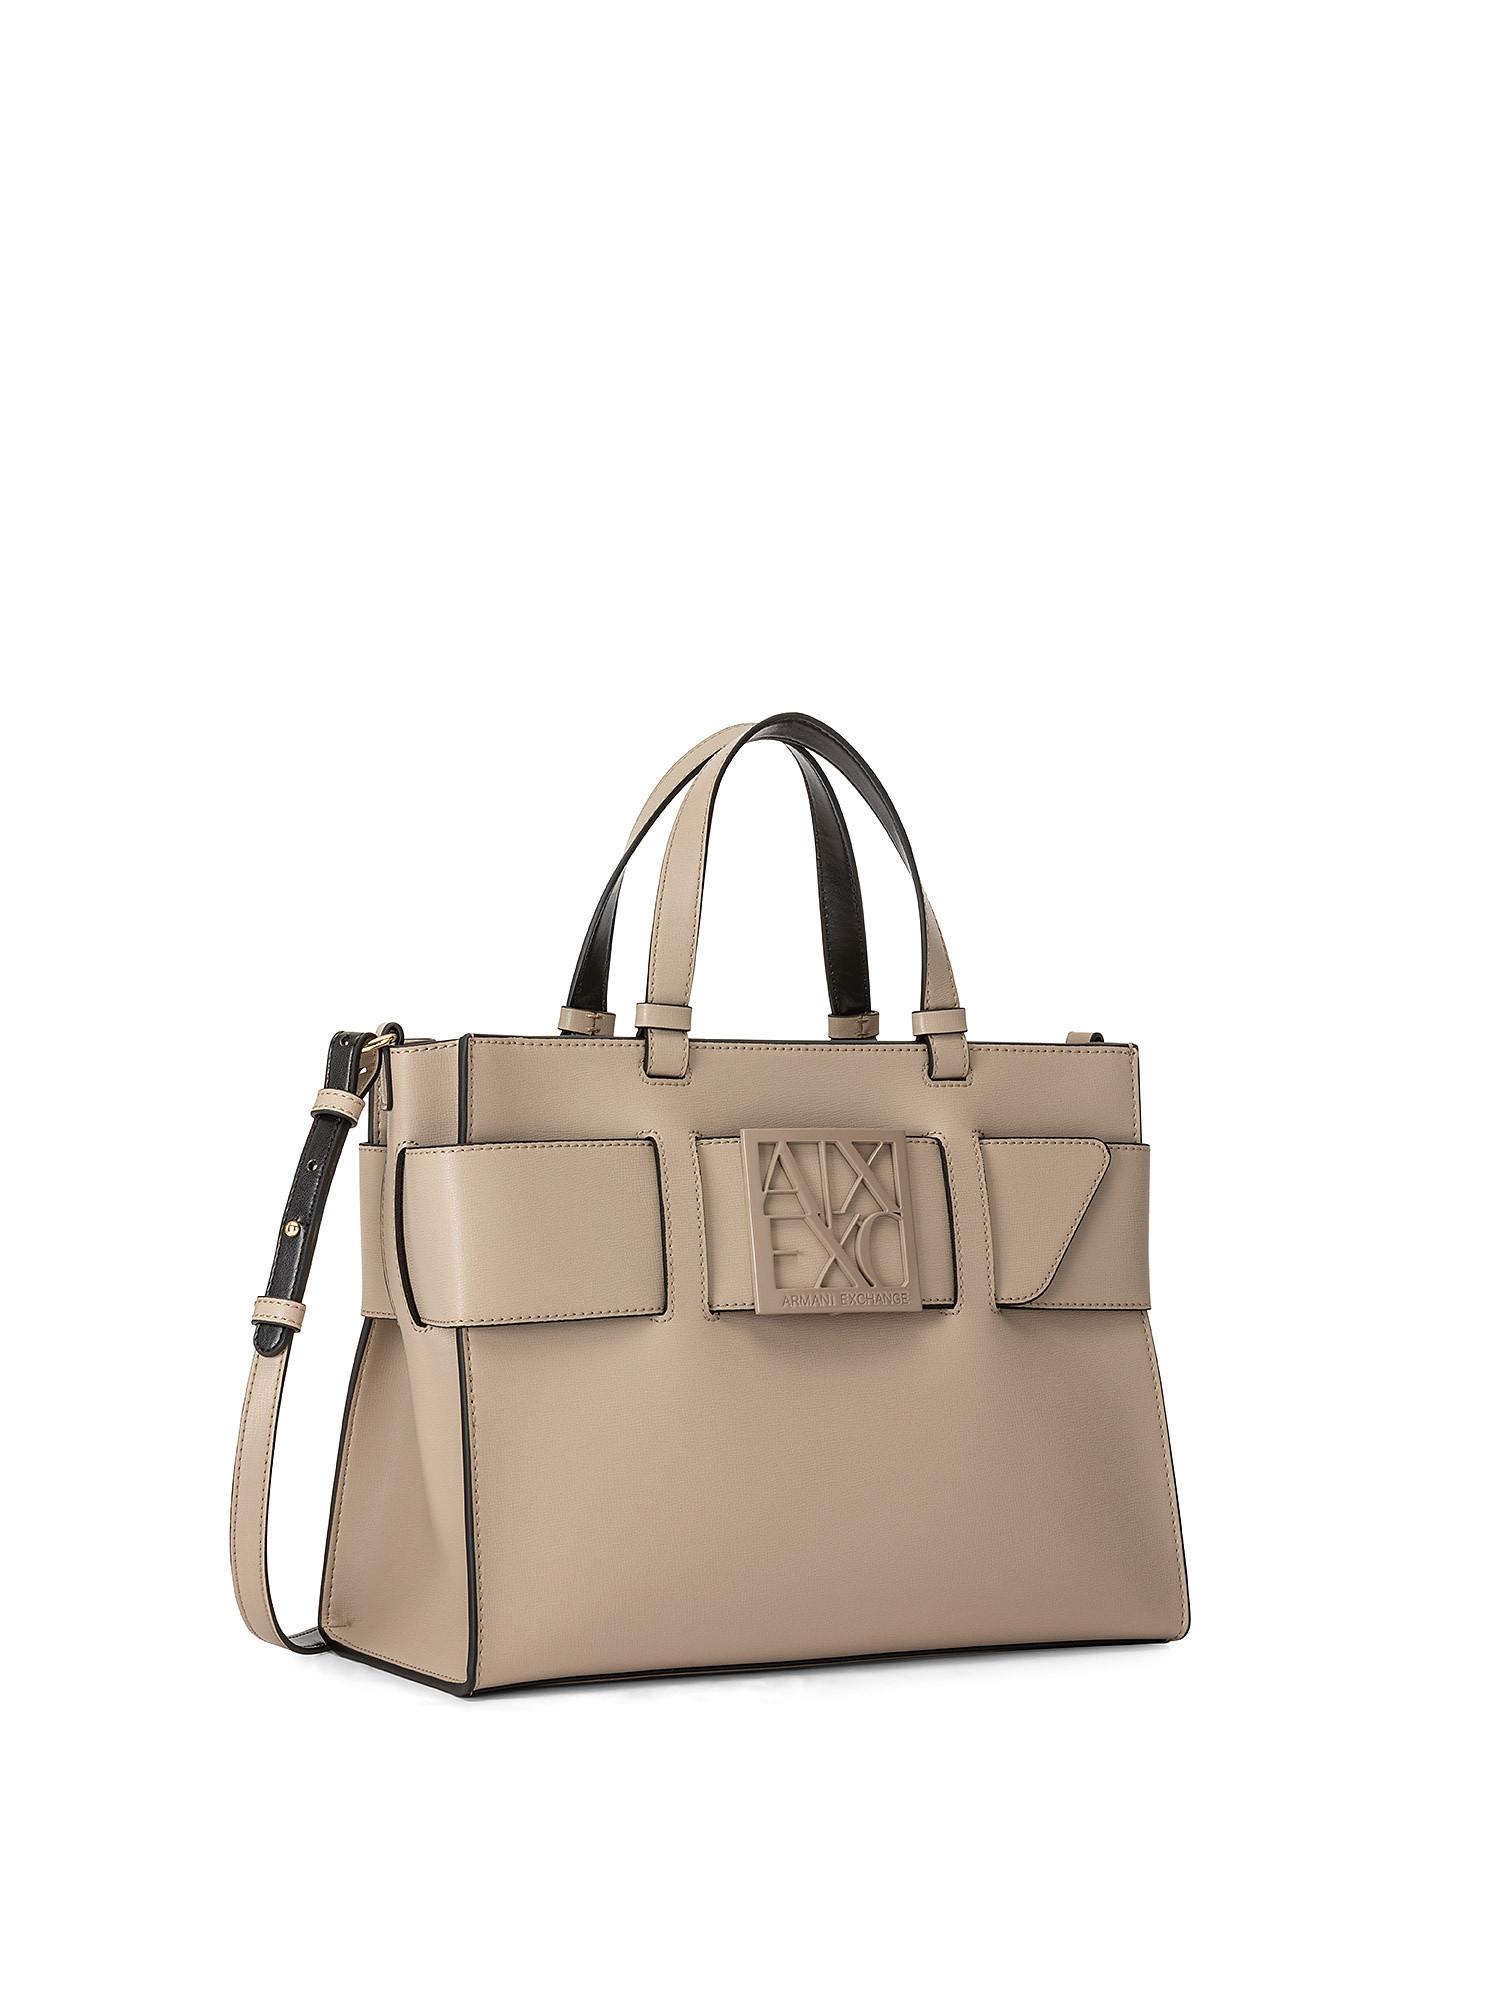 Tote bag grande con doppi manici e tracolla, Marrone, large image number 1